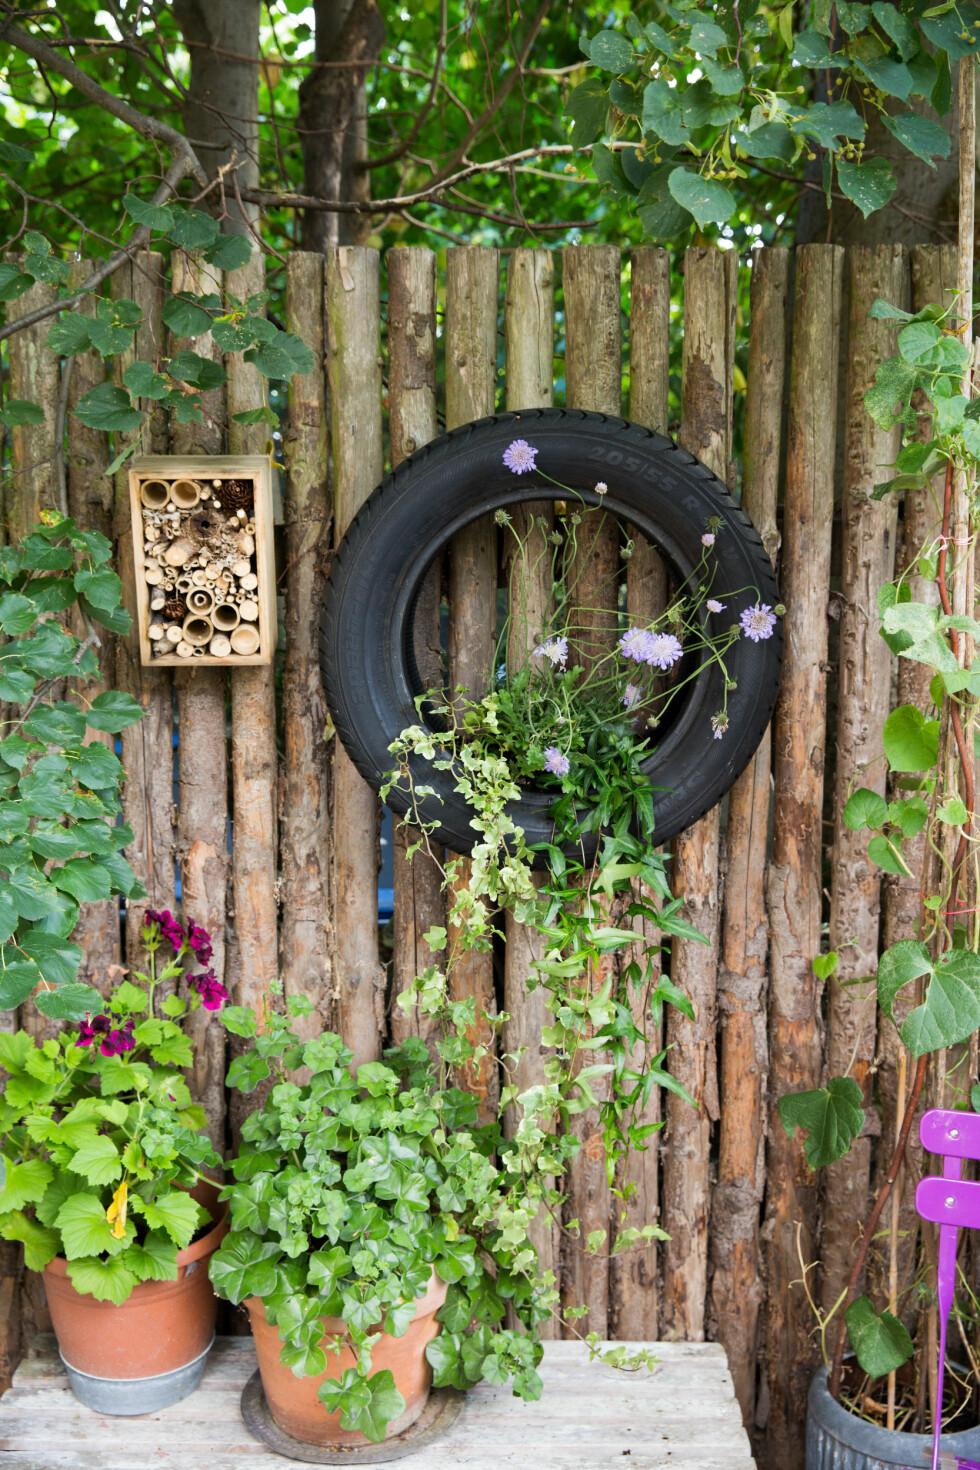 HENGENDE HAGE: Kontrastfylt med vakre blomster i et bildekk - og noe alle nabo'ne ikke har. Foto: All Over Press